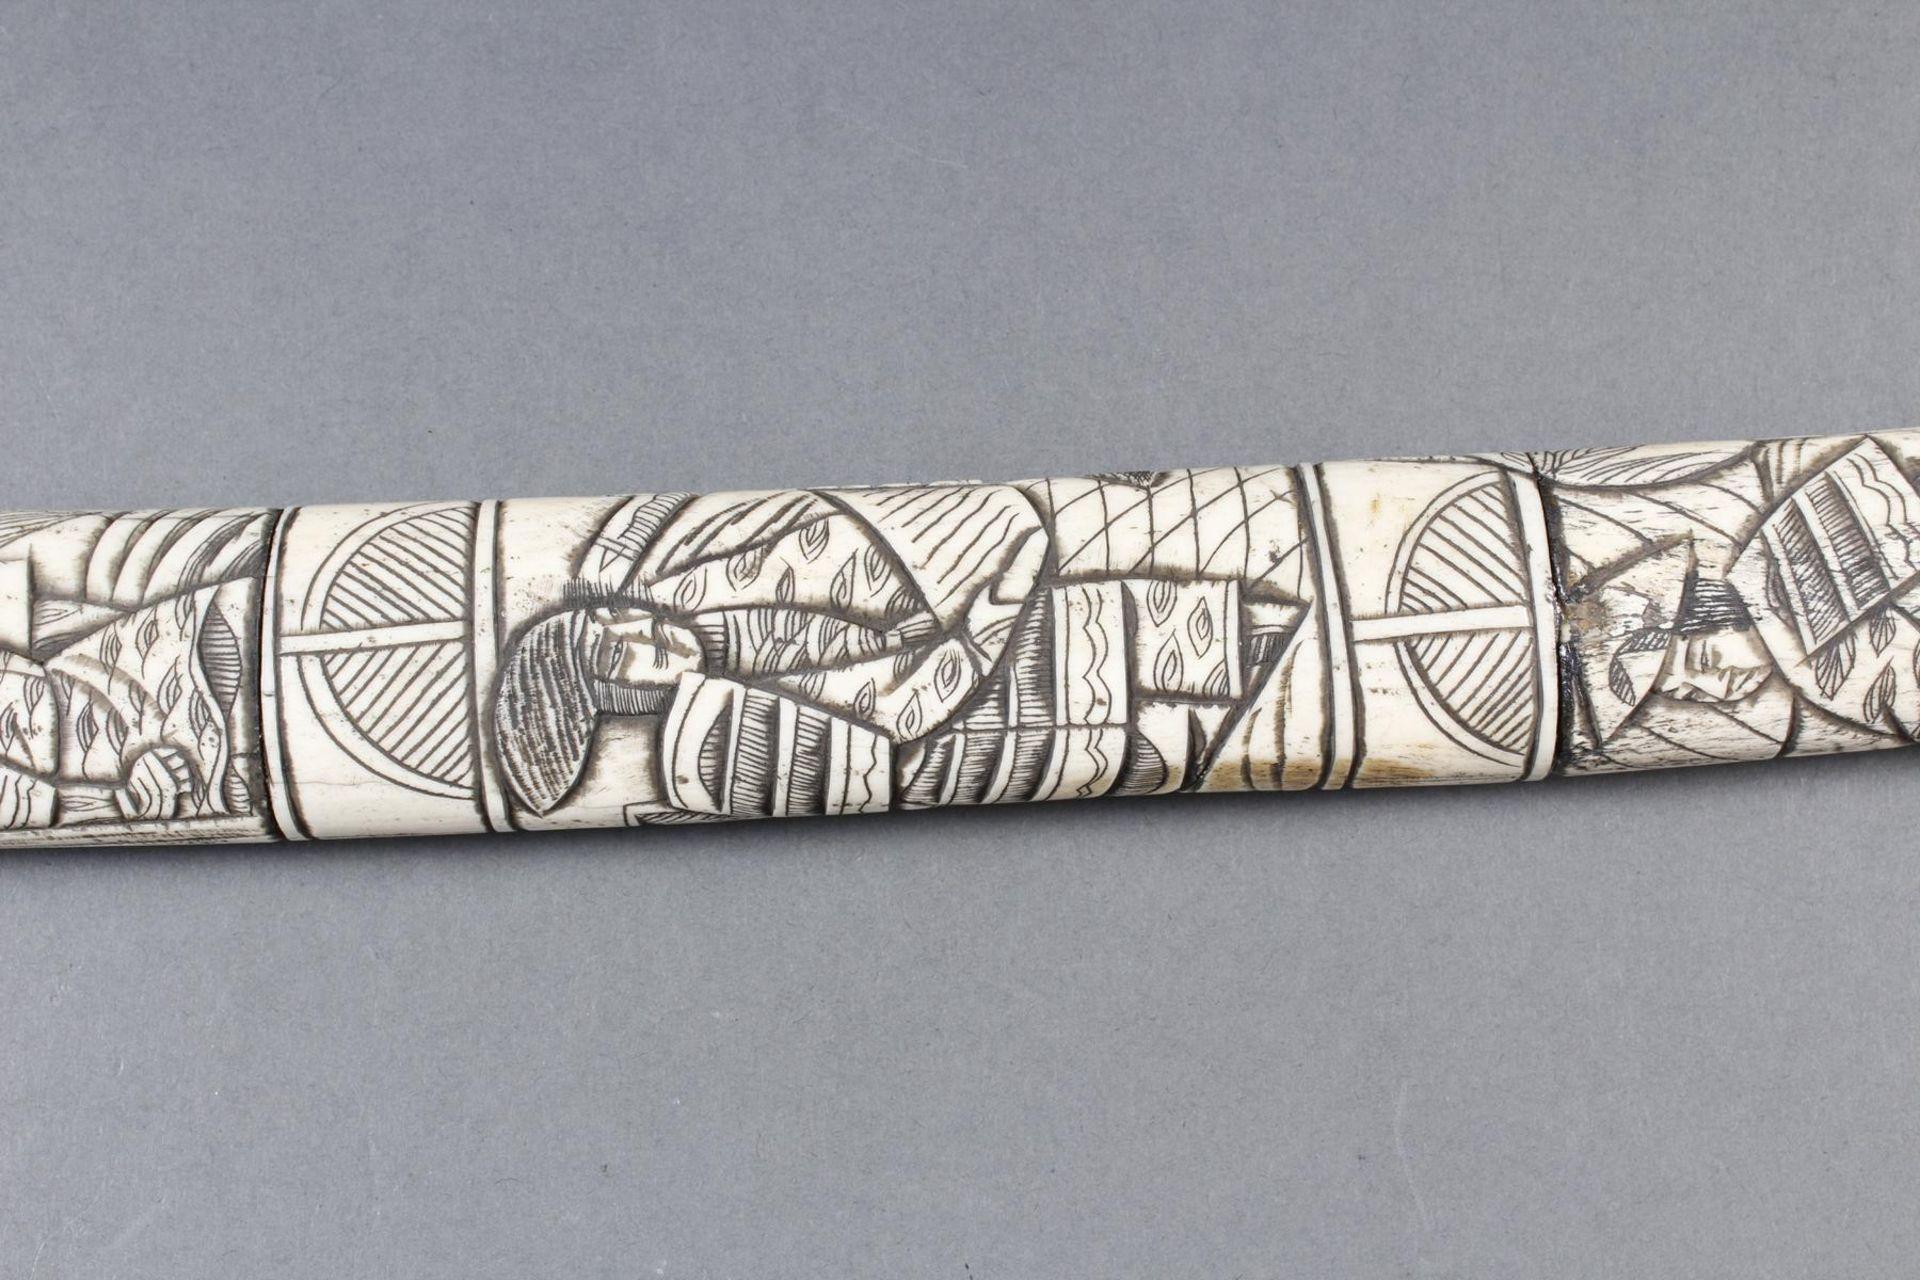 Kurzschwert aus Hirschhorn, Japan Meiji Periode - Bild 11 aus 12